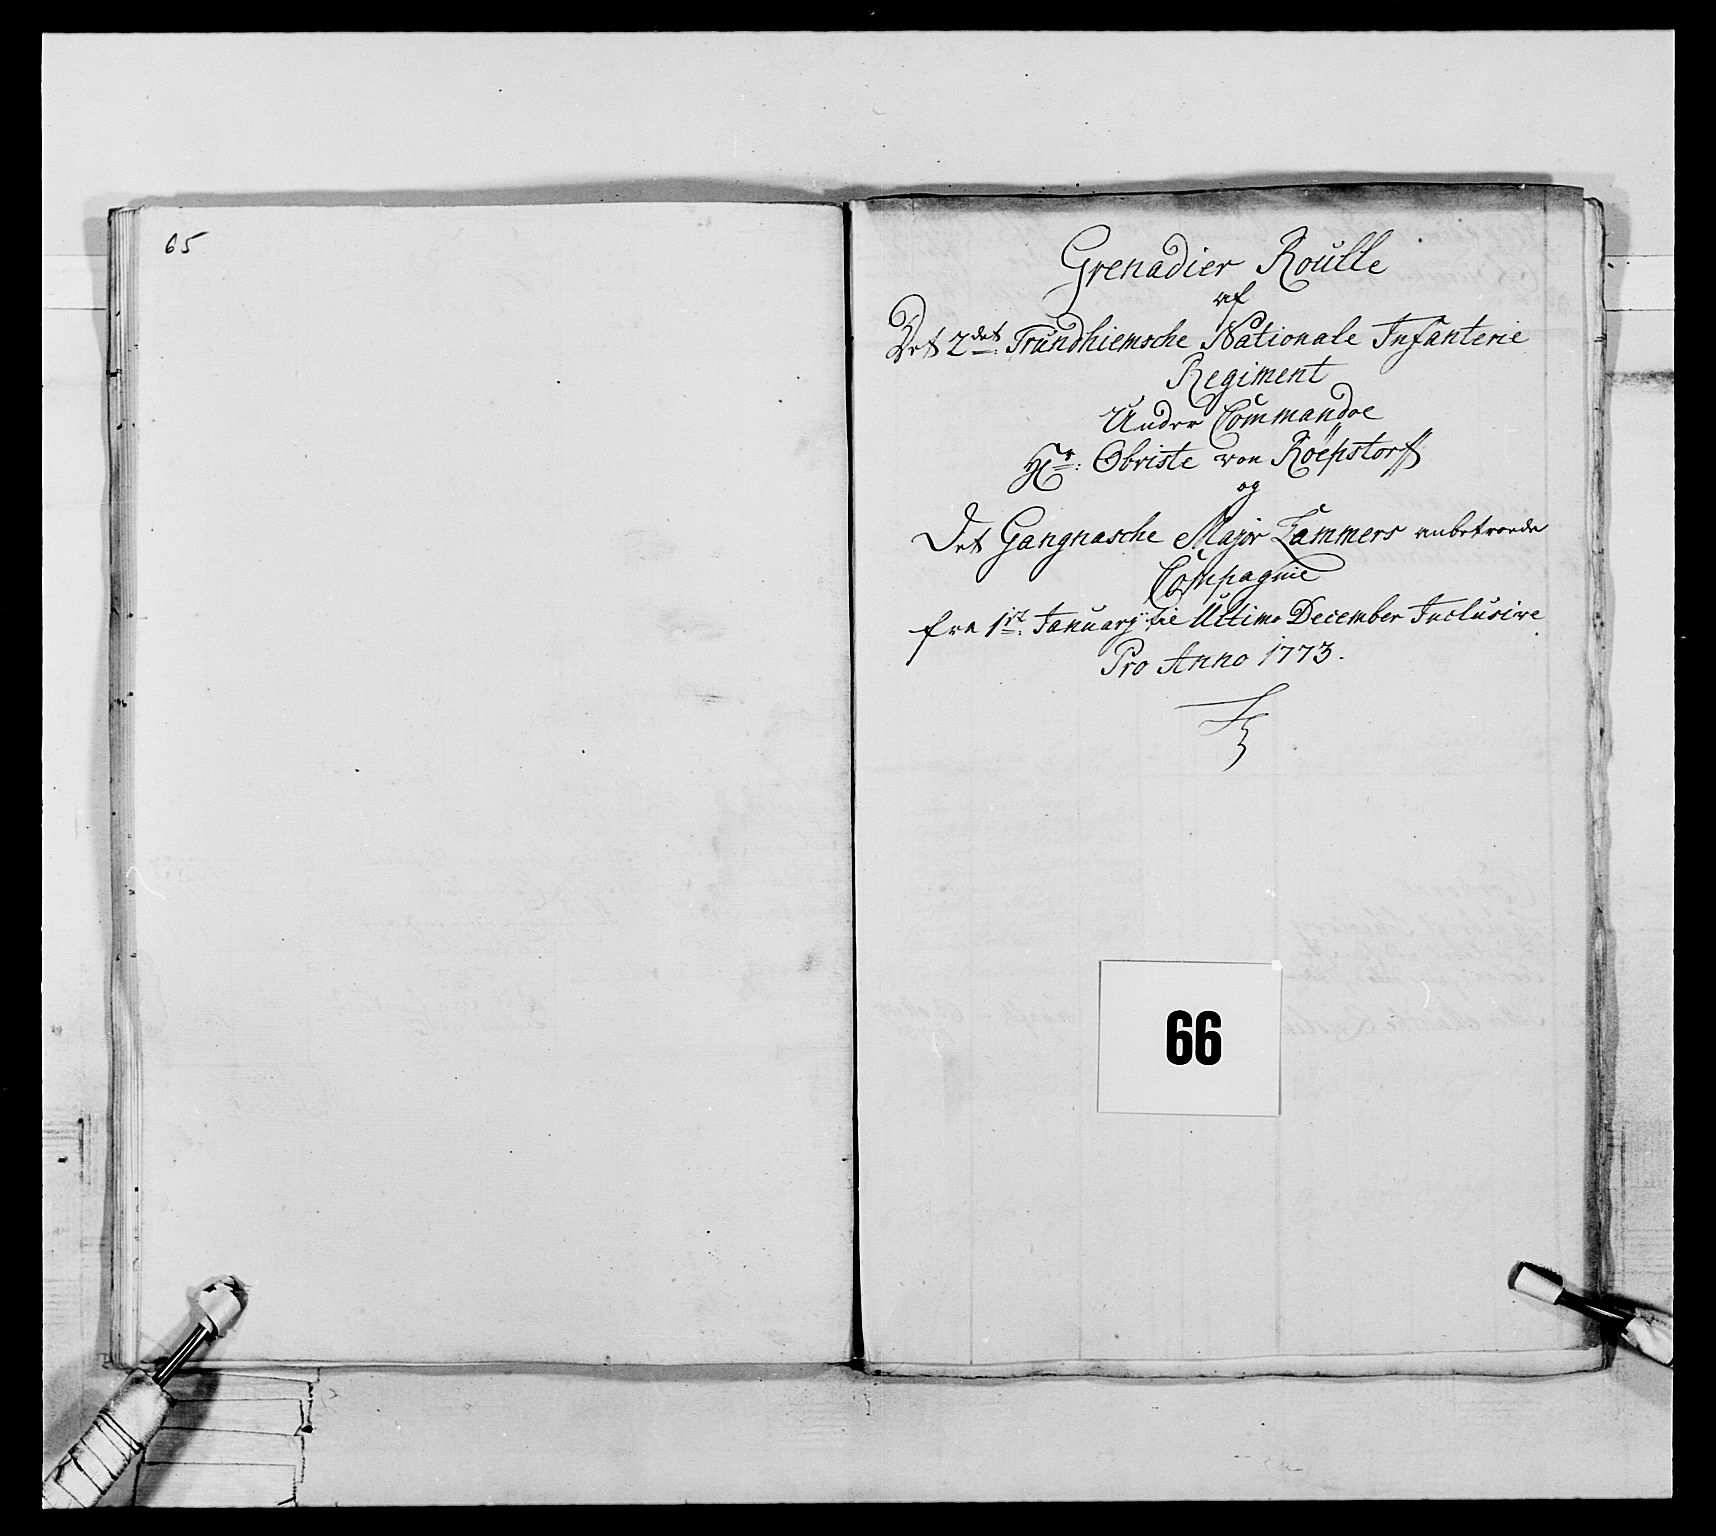 RA, Generalitets- og kommissariatskollegiet, Det kongelige norske kommissariatskollegium, E/Eh/L0076: 2. Trondheimske nasjonale infanteriregiment, 1766-1773, s. 254